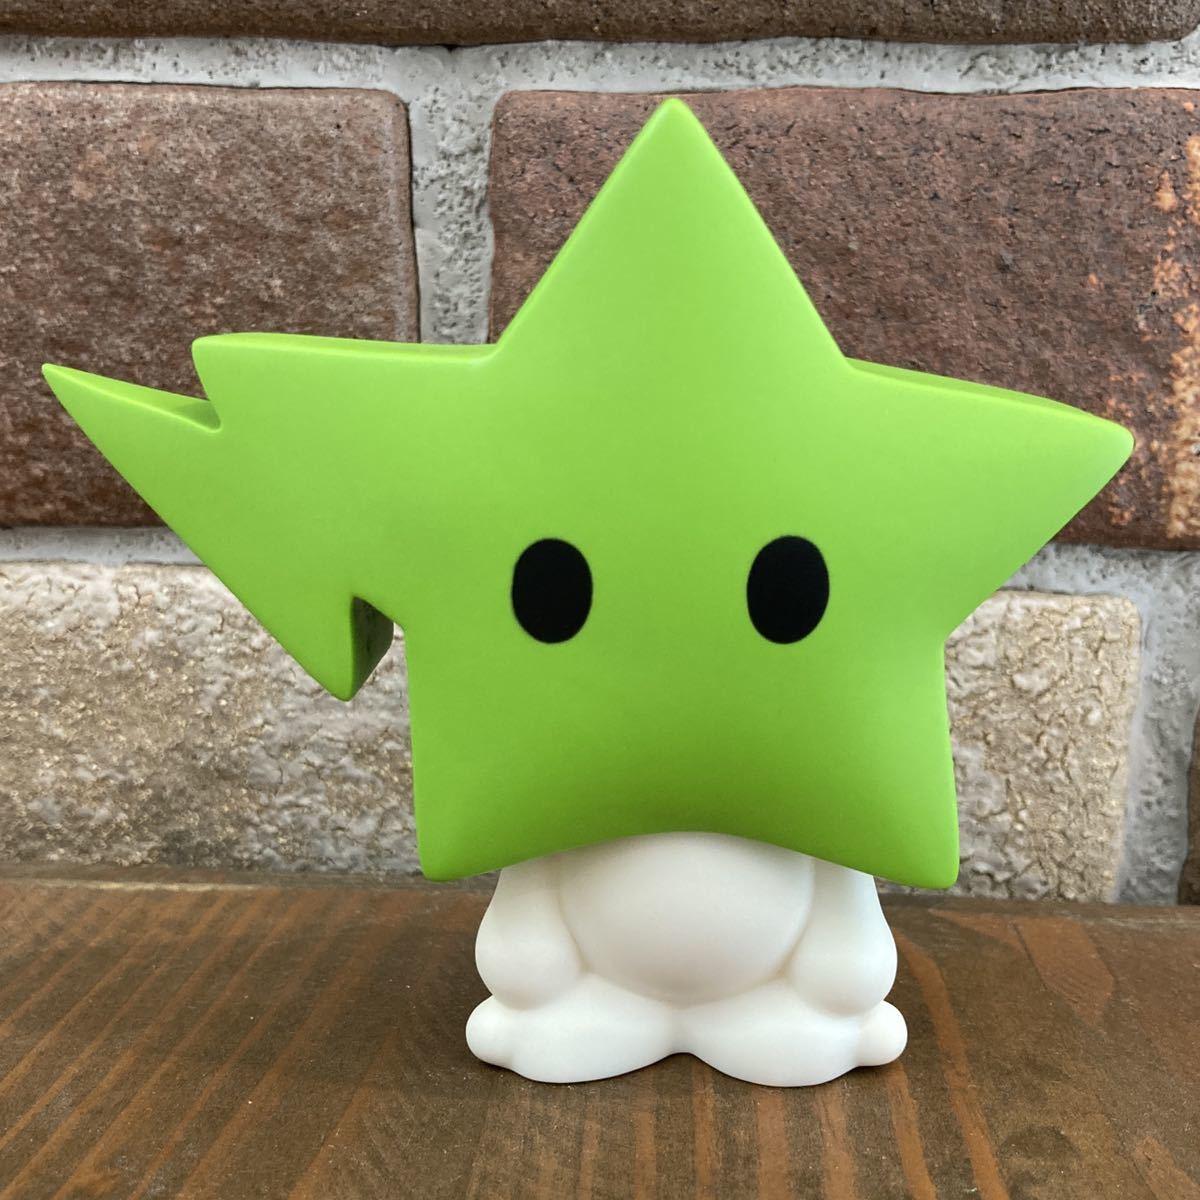 ★激レア★ bapesta フィギュア a bathing ape bape play sta エイプ ベイプ アベイシングエイプ スター star figure nigo green ll2